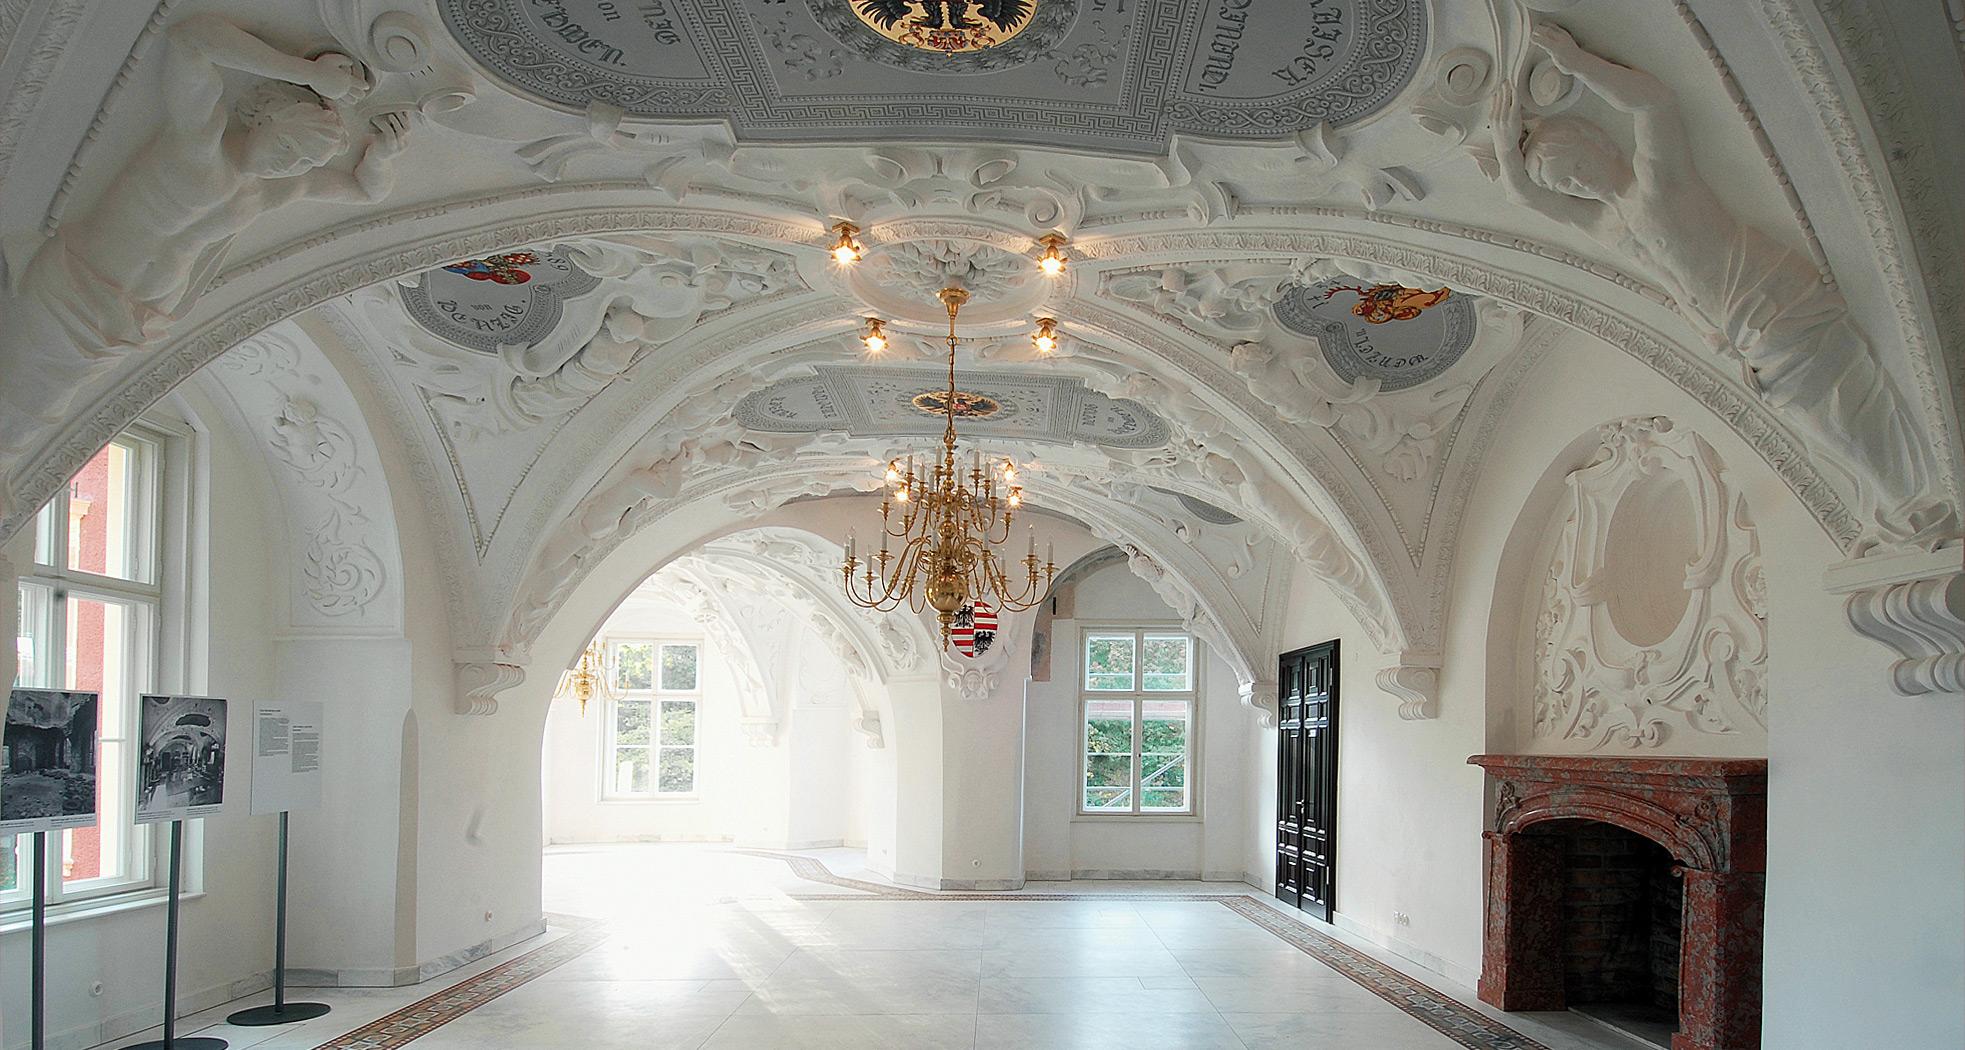 Übersichtsaufnahme - Schlusszustand - Neues Schloss Bad Muskau